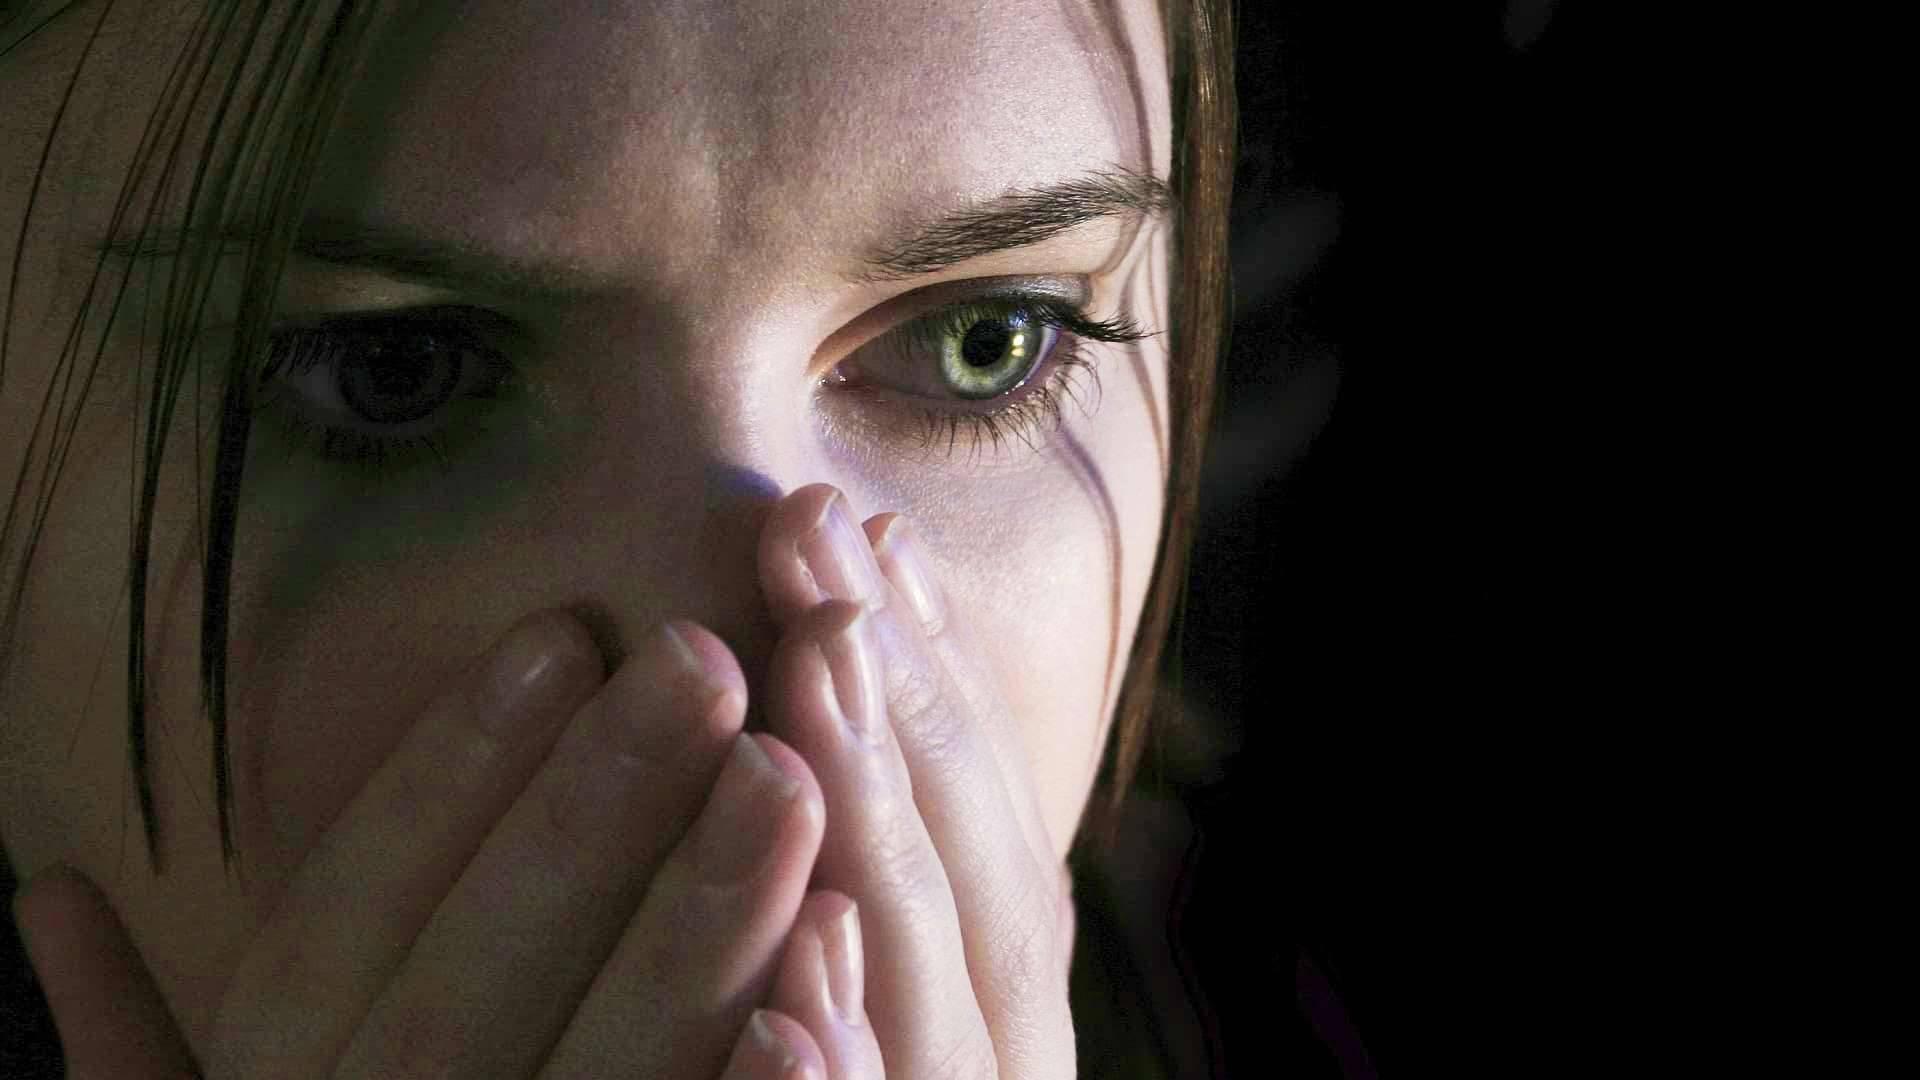 Симптомы и признаки порчи и сглаза на человеке: как она проявляется, как снять